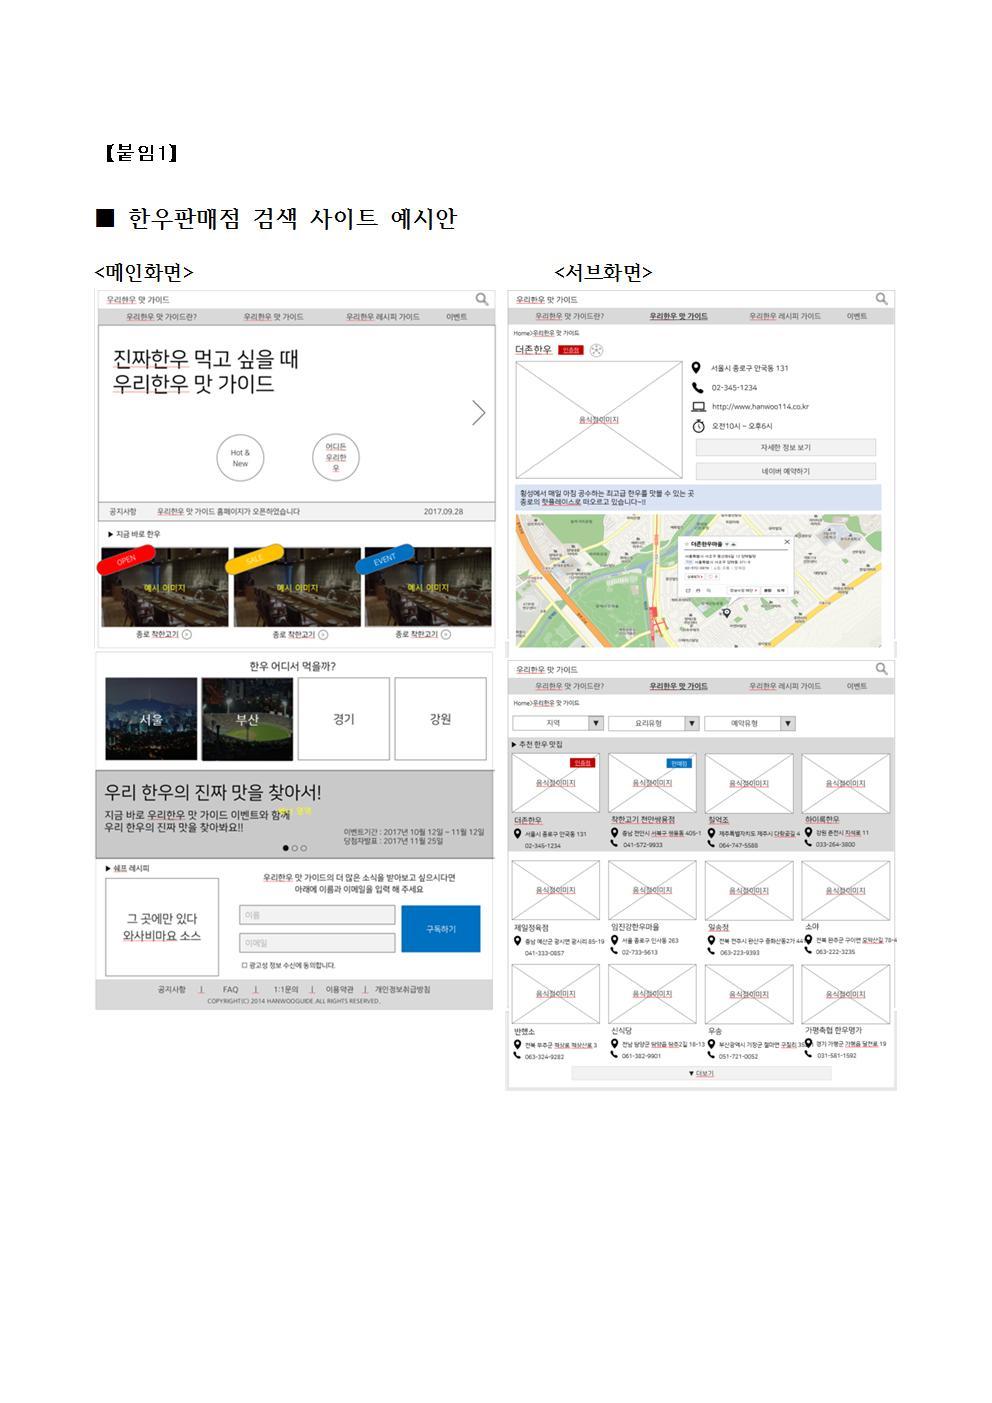 [붙임자료] 한우판매점 검색 사이트 등록 신청서001.jpg